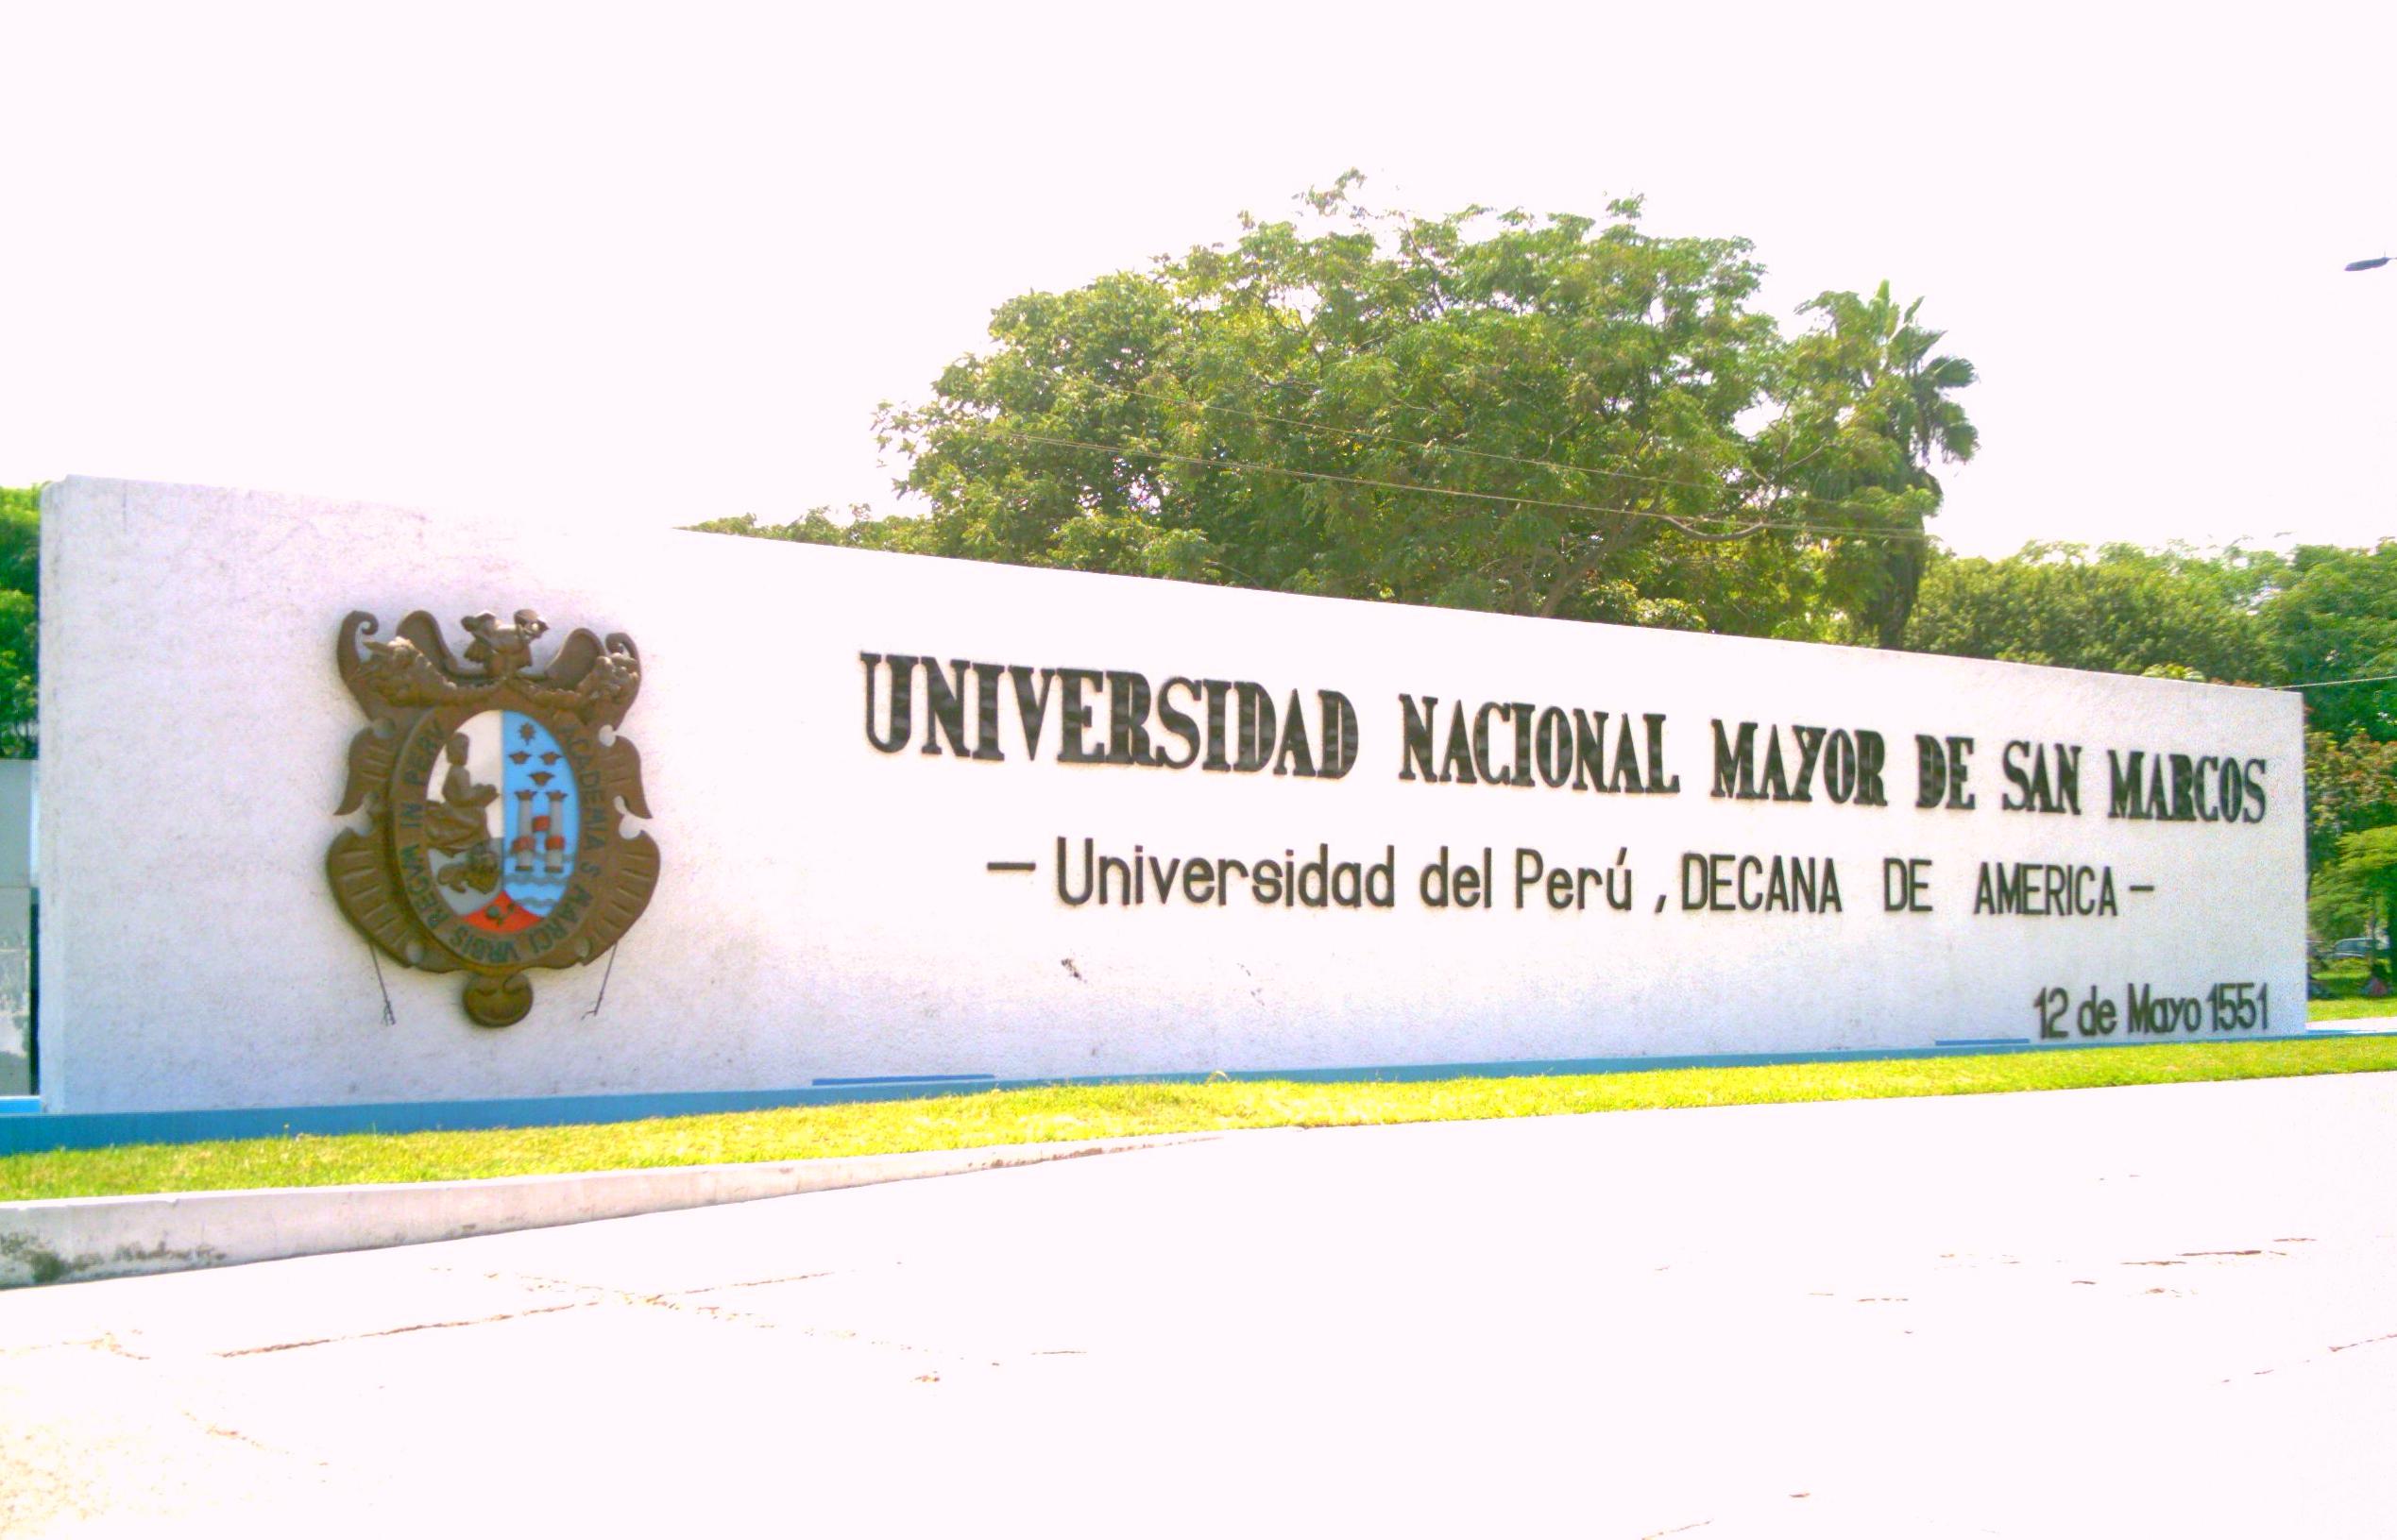 Archivo:UNMSM muraldebienvenida.jpg - Wikipedia, la enciclopedia libre